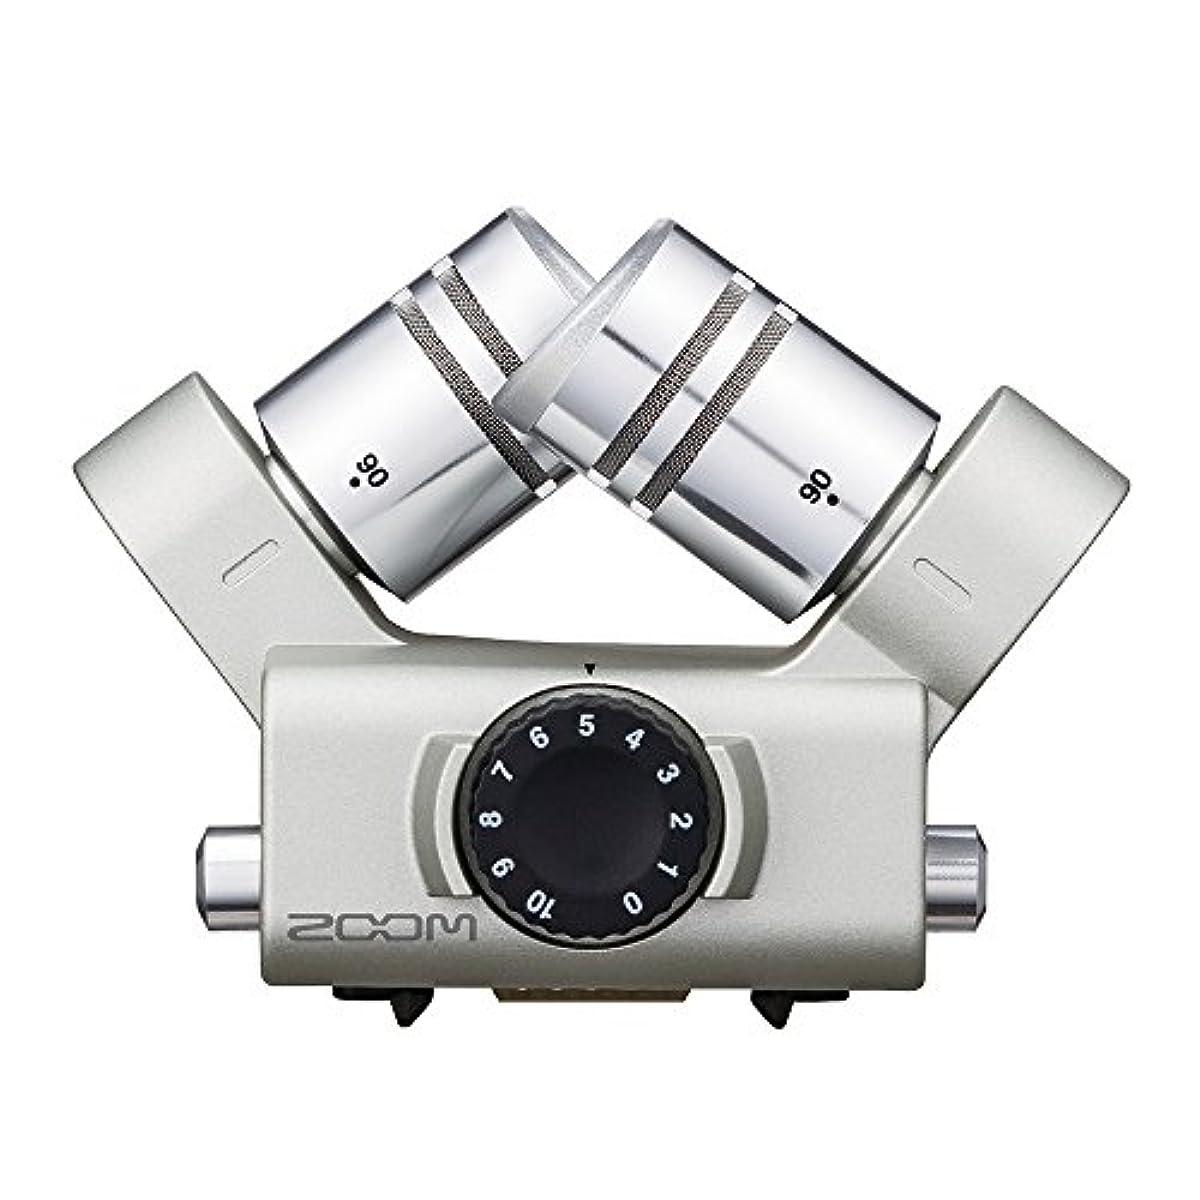 [해외] ZOOM 줌 포터블 레코더 마이크 H6/H5/Q8 용XY마이크 캡슐 XYH-6